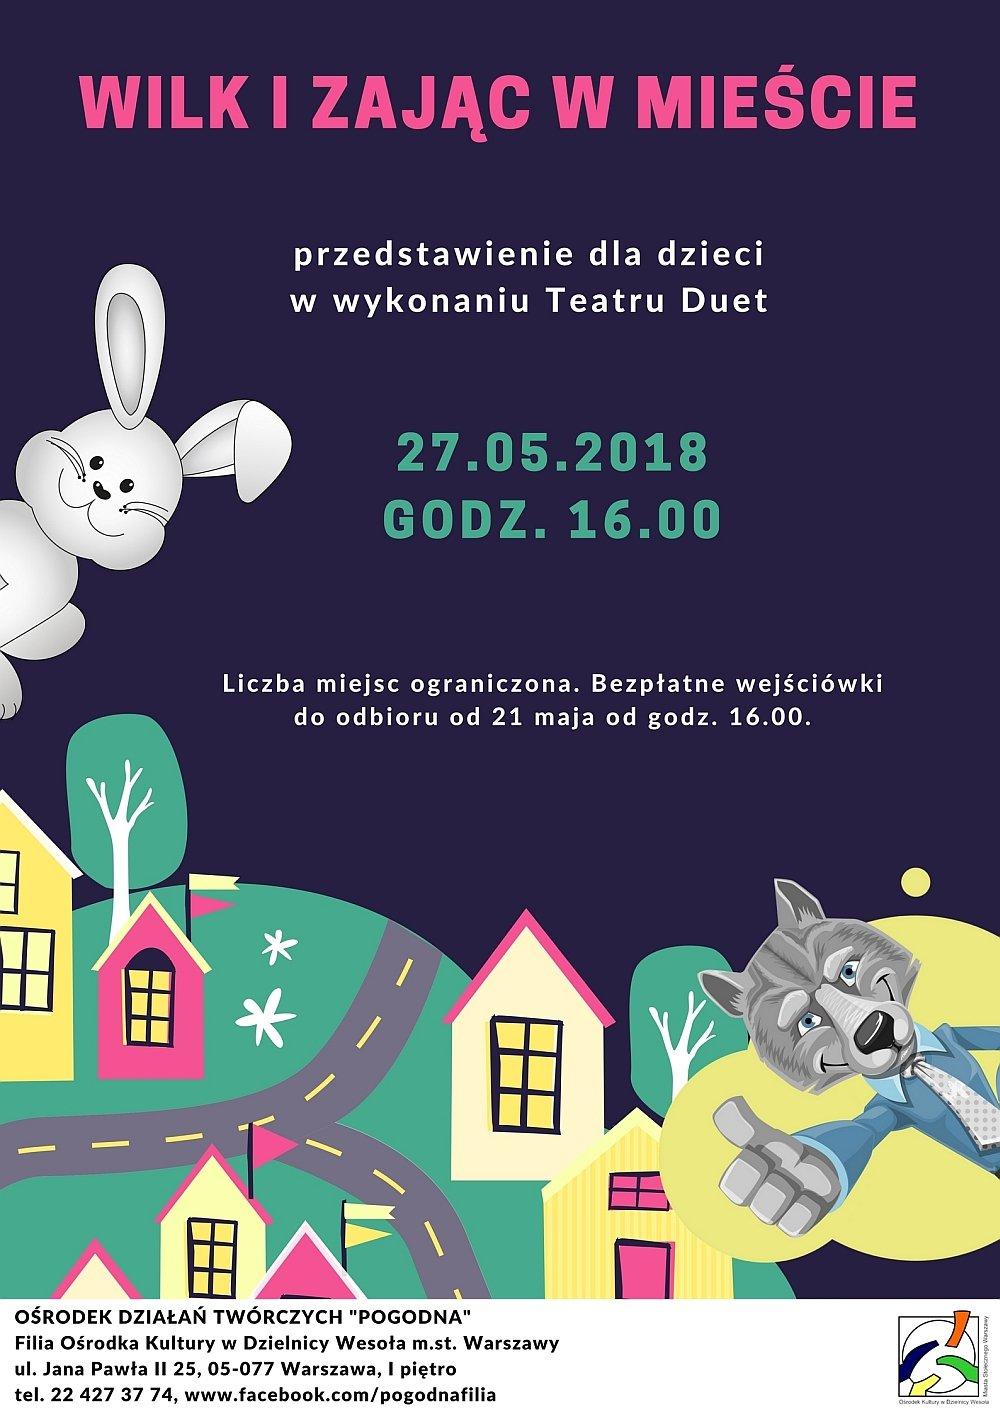 Wilk i zając w mieście - spektakl dla dzieci